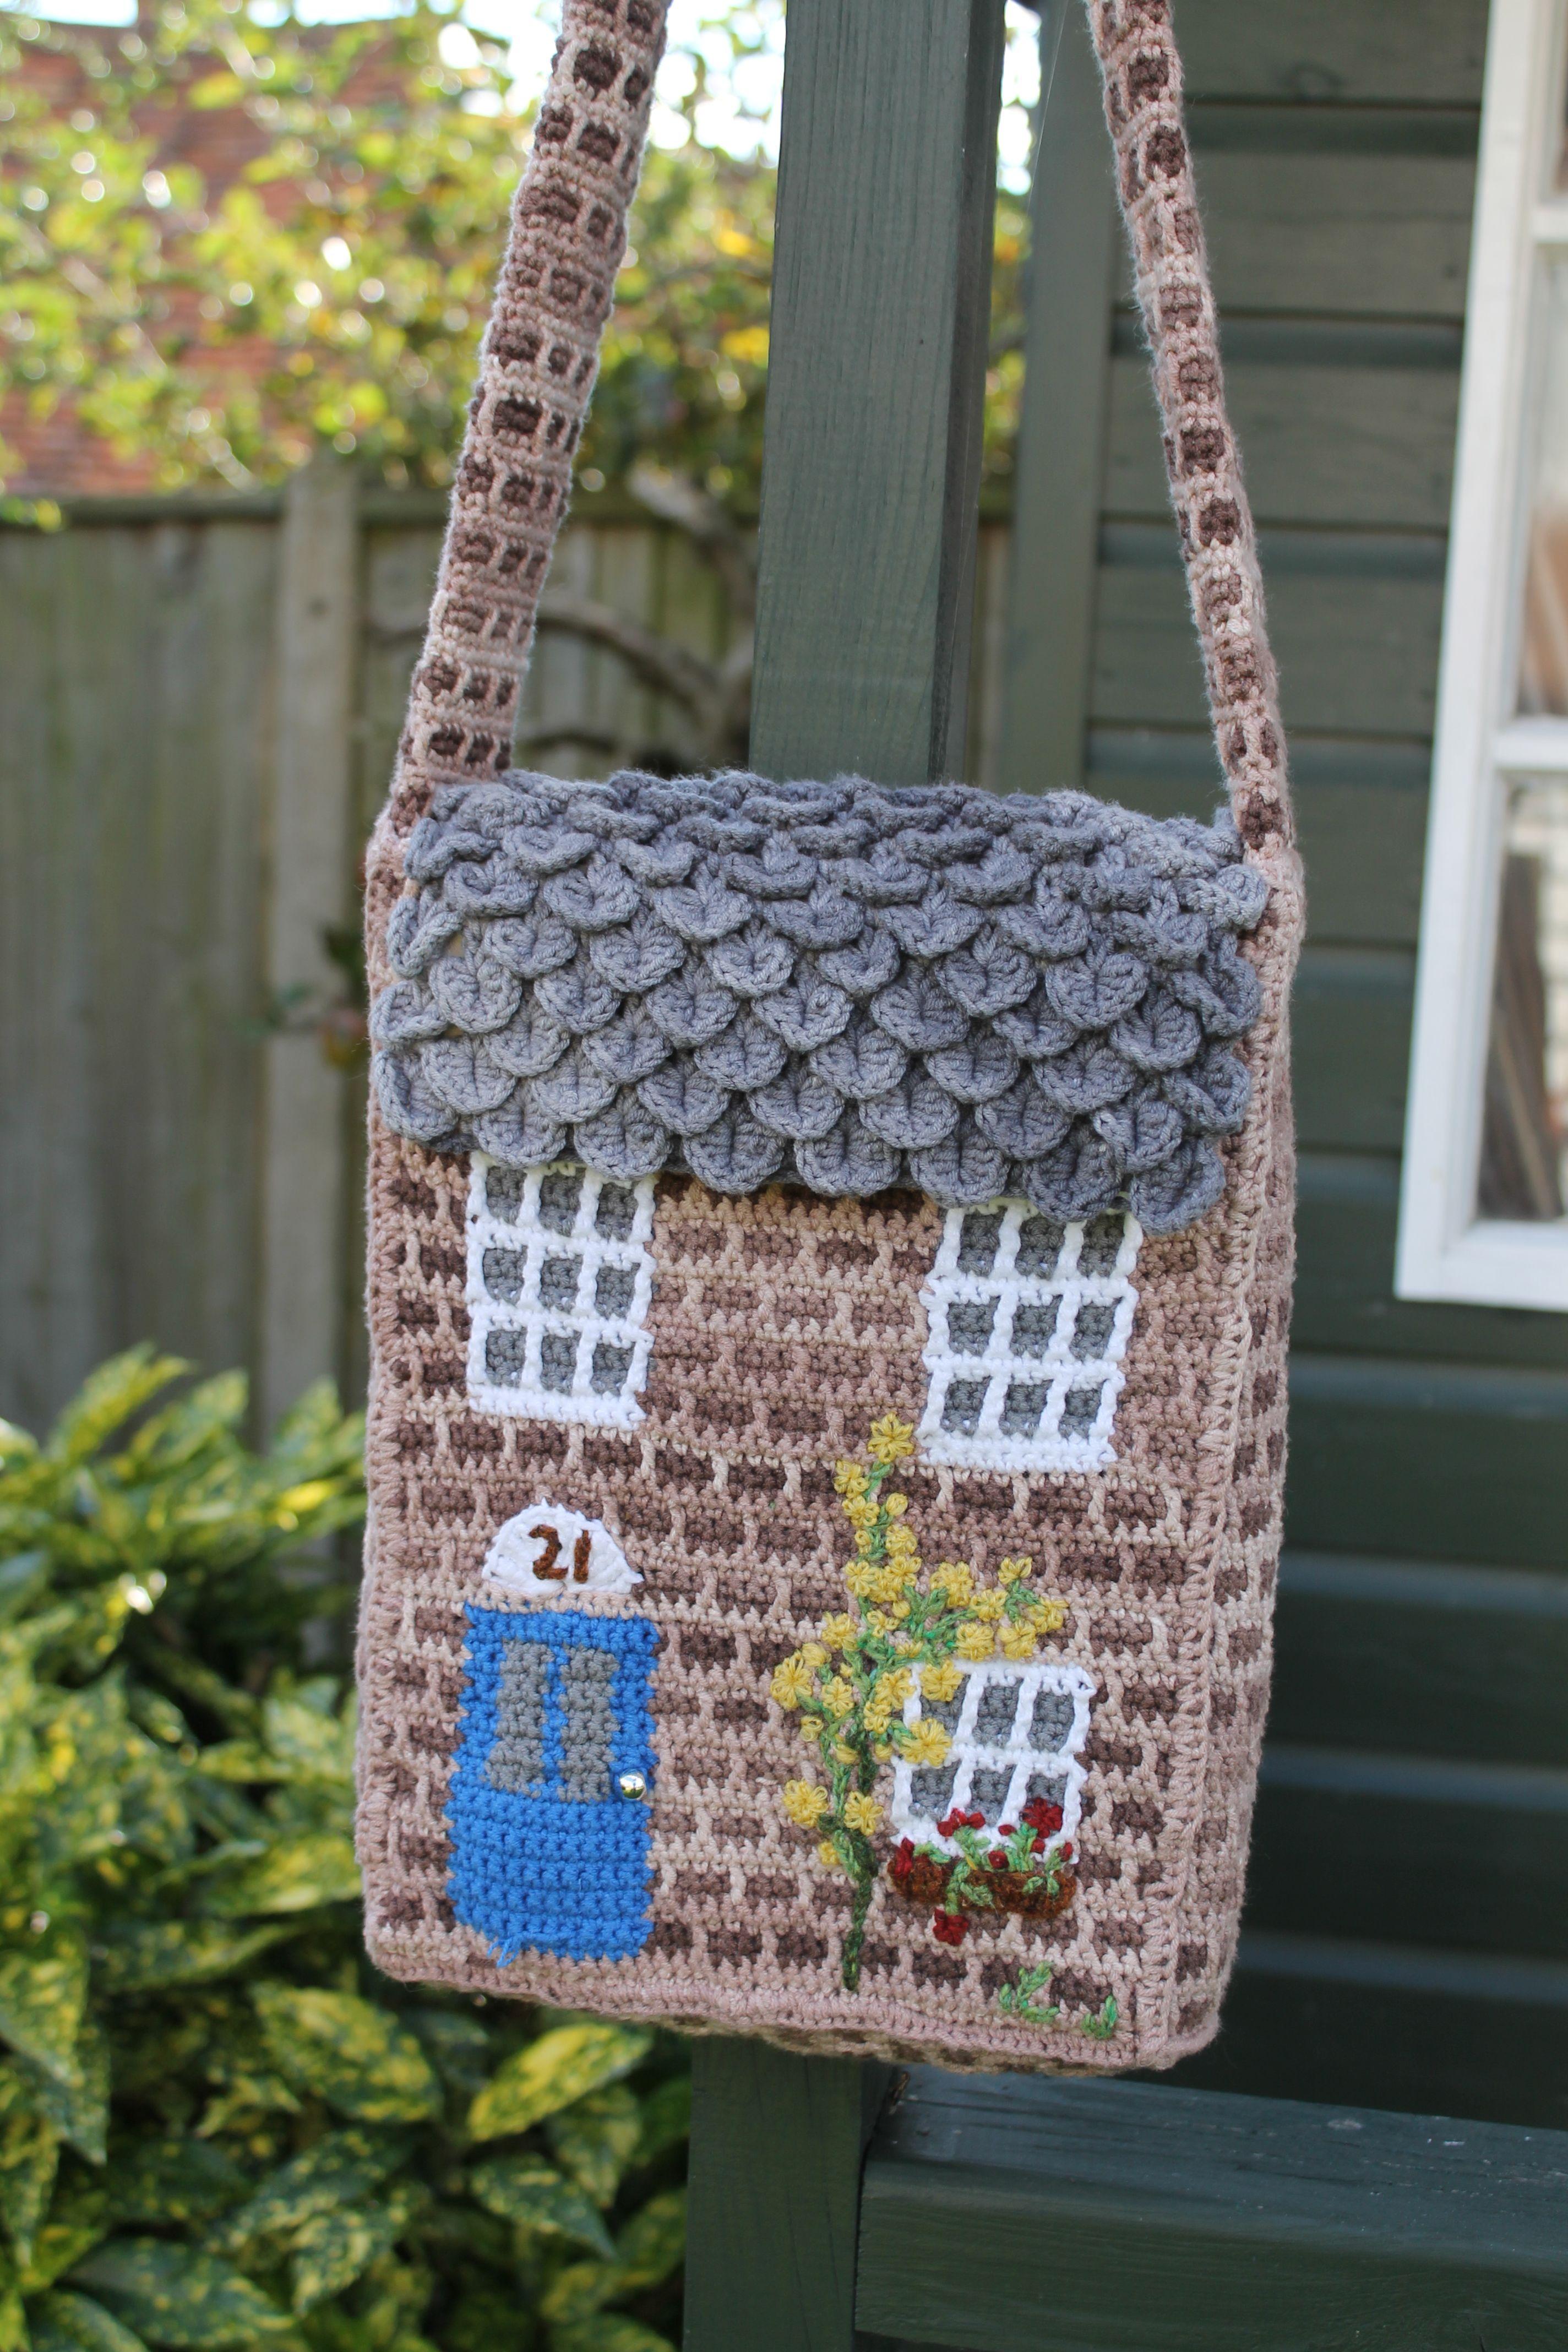 Crochet house bag thetwistedyarn free crochet pattern crochet house bag thetwistedyarn free crochet pattern bankloansurffo Gallery